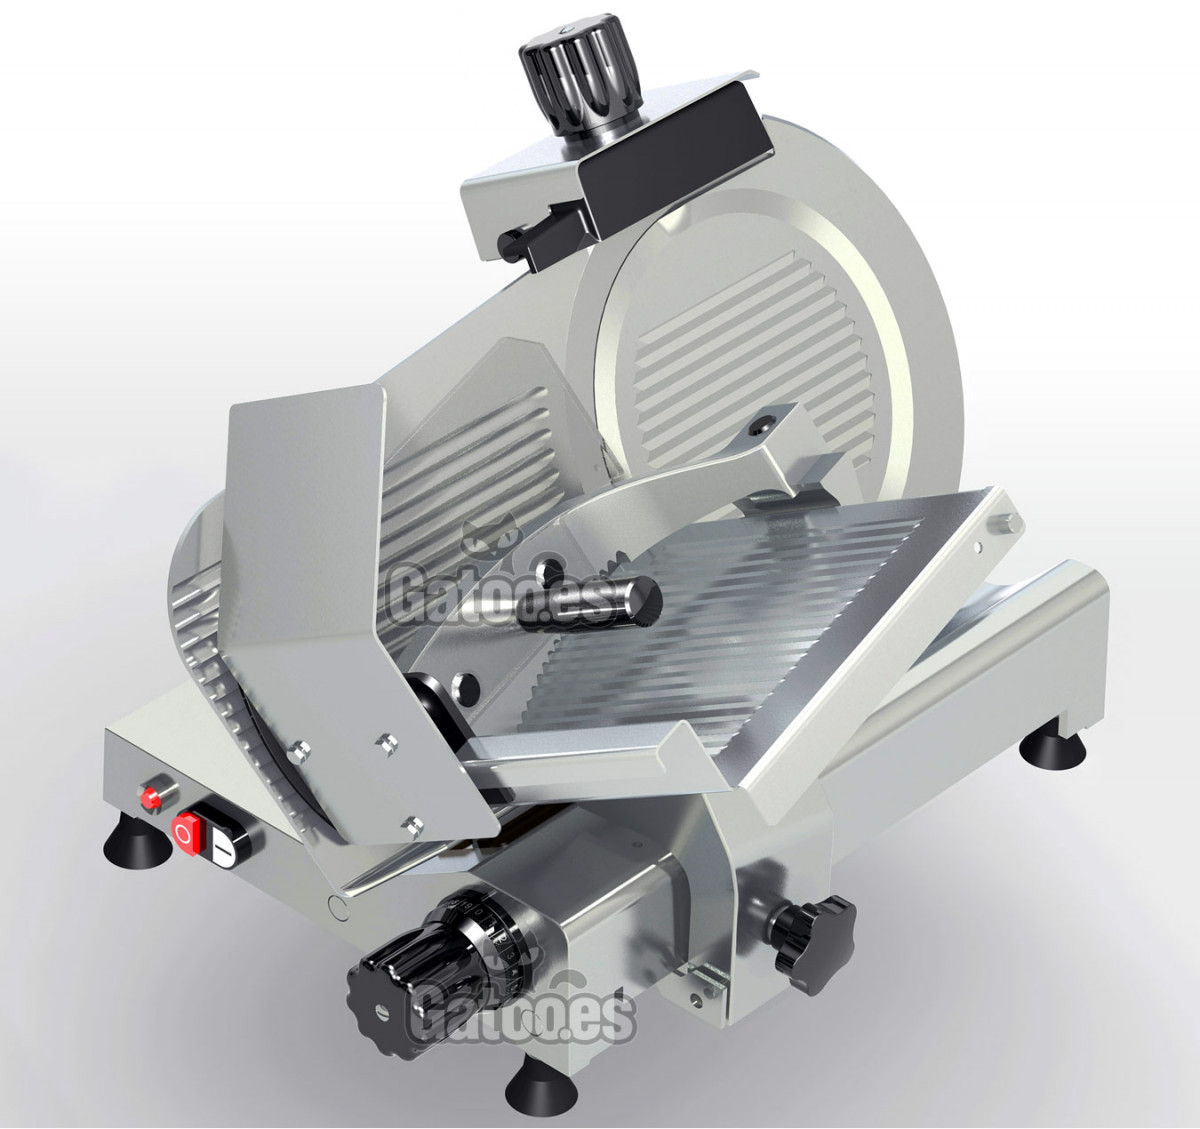 Cortafiambres Profesional BRAHER USA-300 de 300 mm.